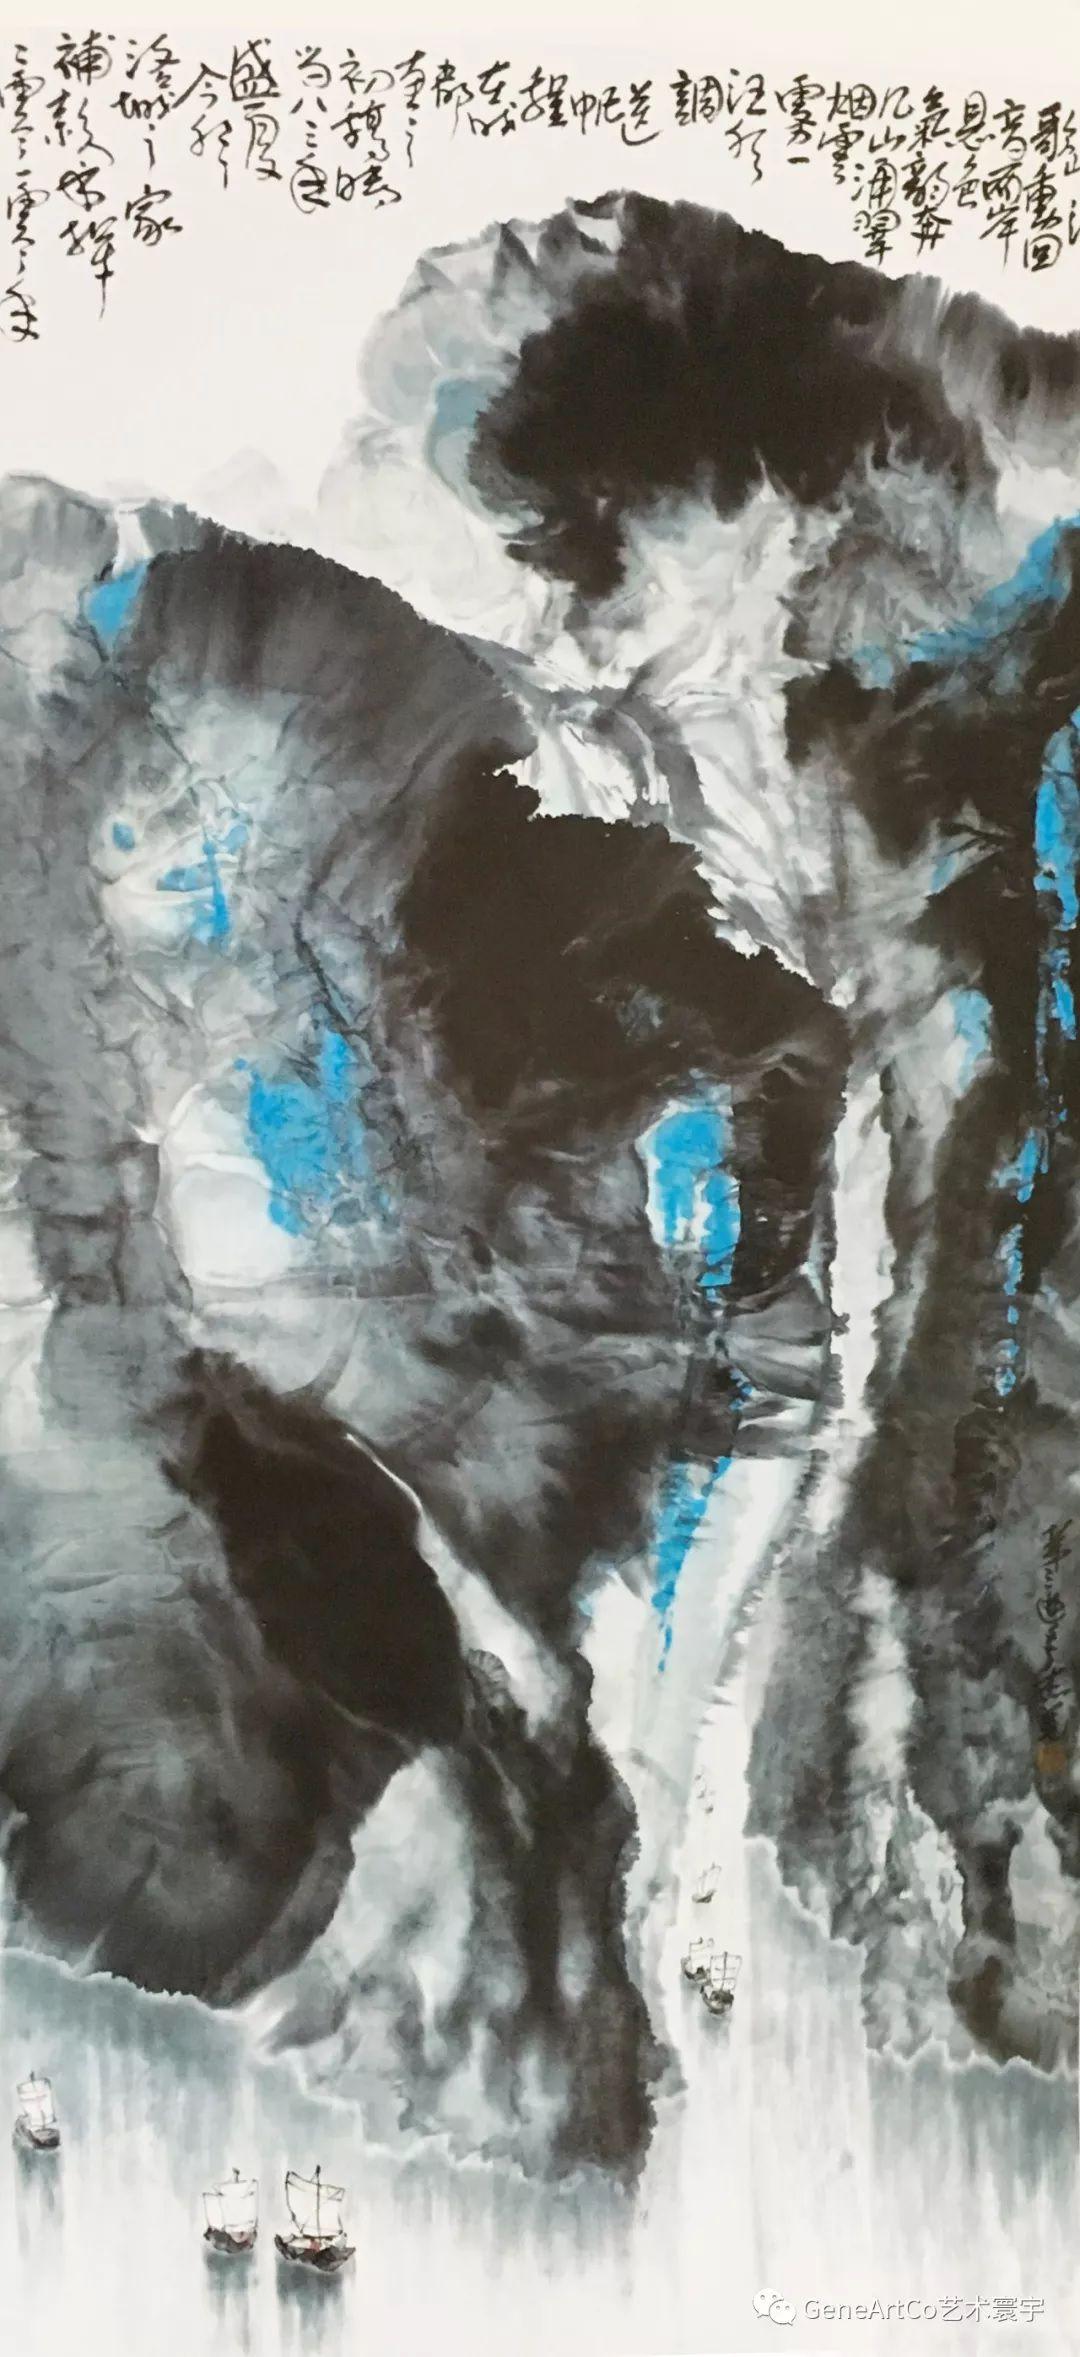 山水畫《三峽浪歌》在傳統的基礎上,力求突破已有的藝術形式(文山布衣)